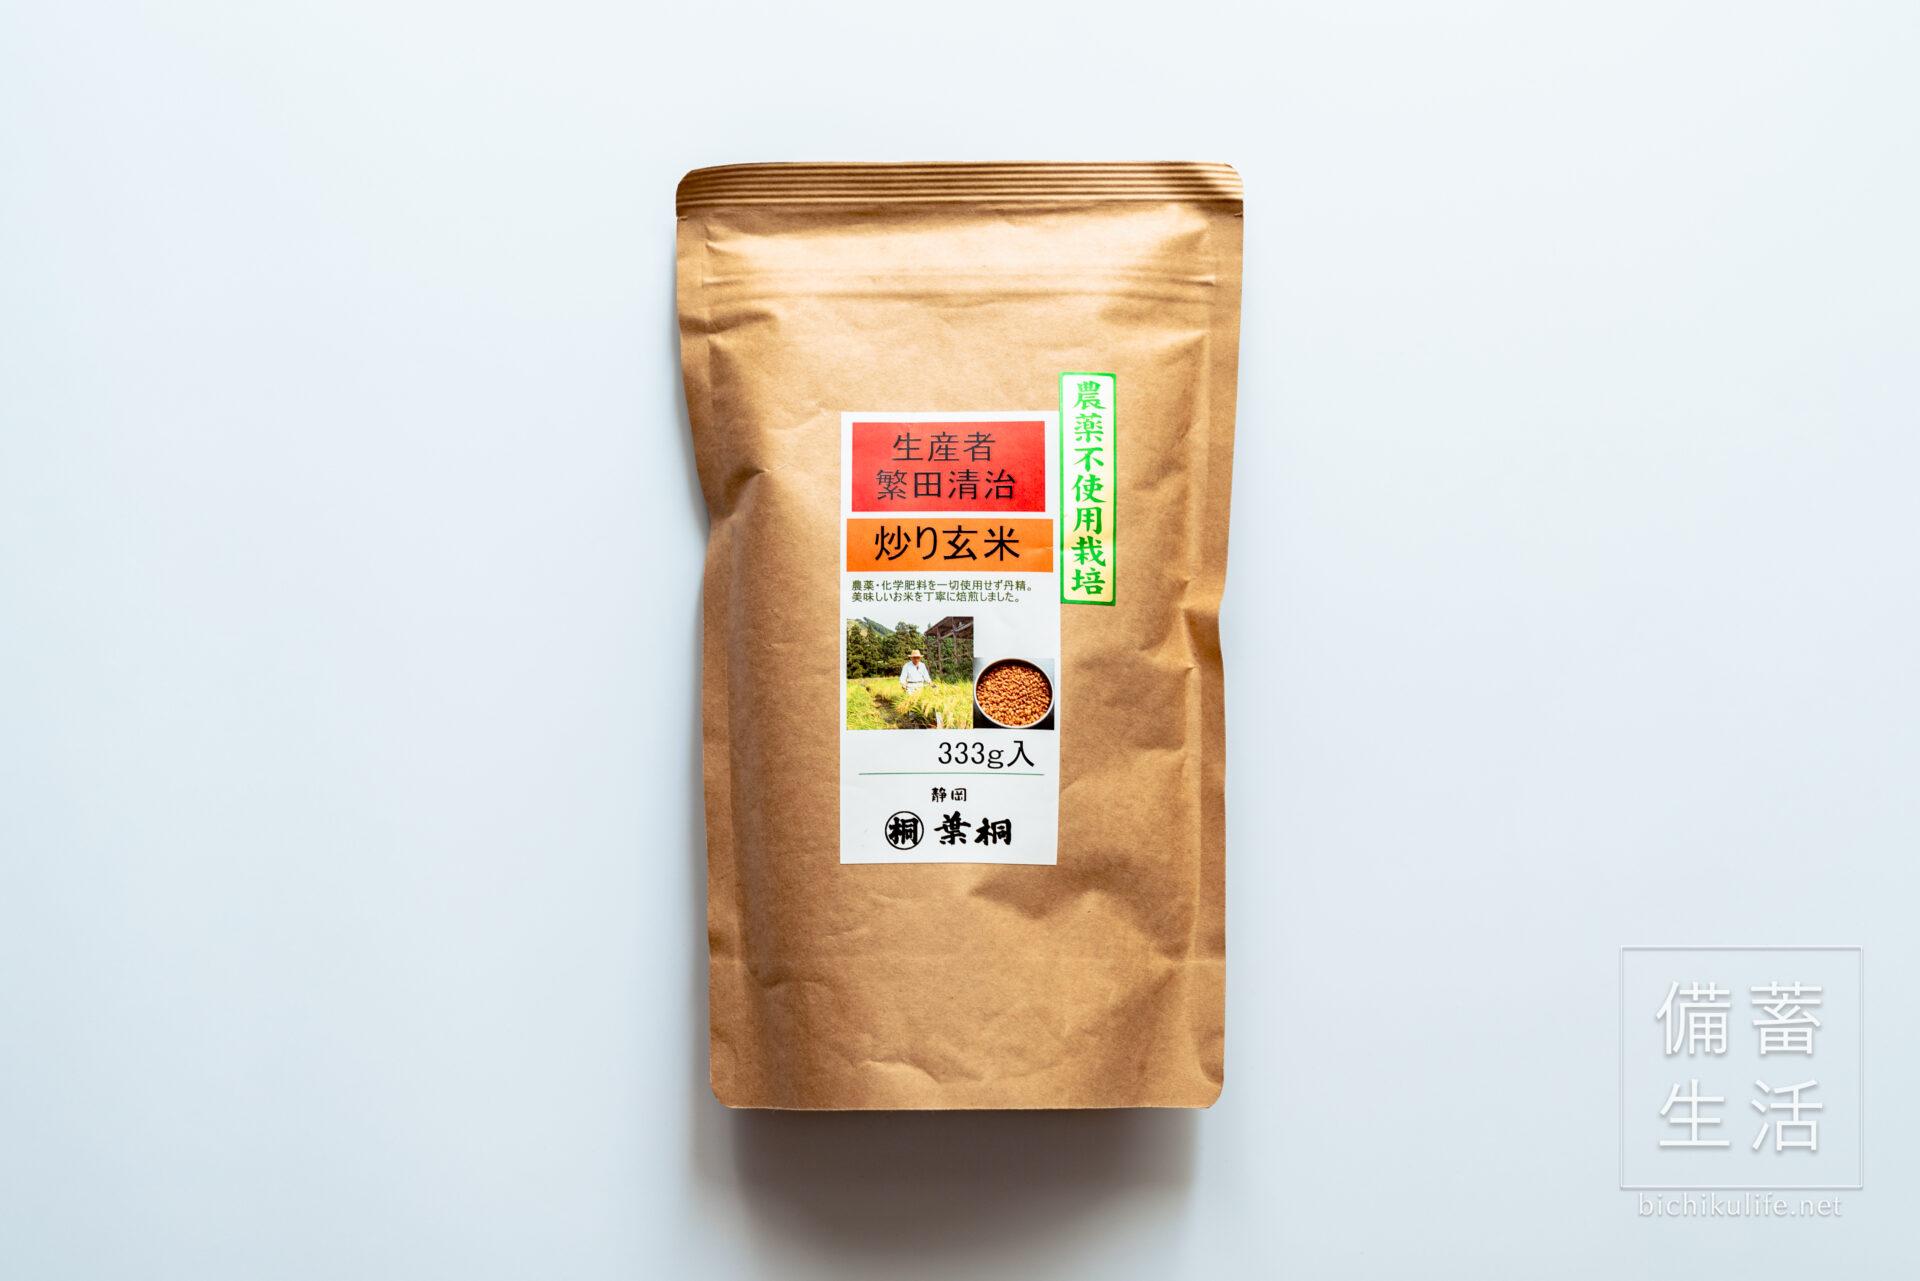 葉桐の炒り玄米 農薬不使用栽培 静岡市繁田さんの特別栽培米